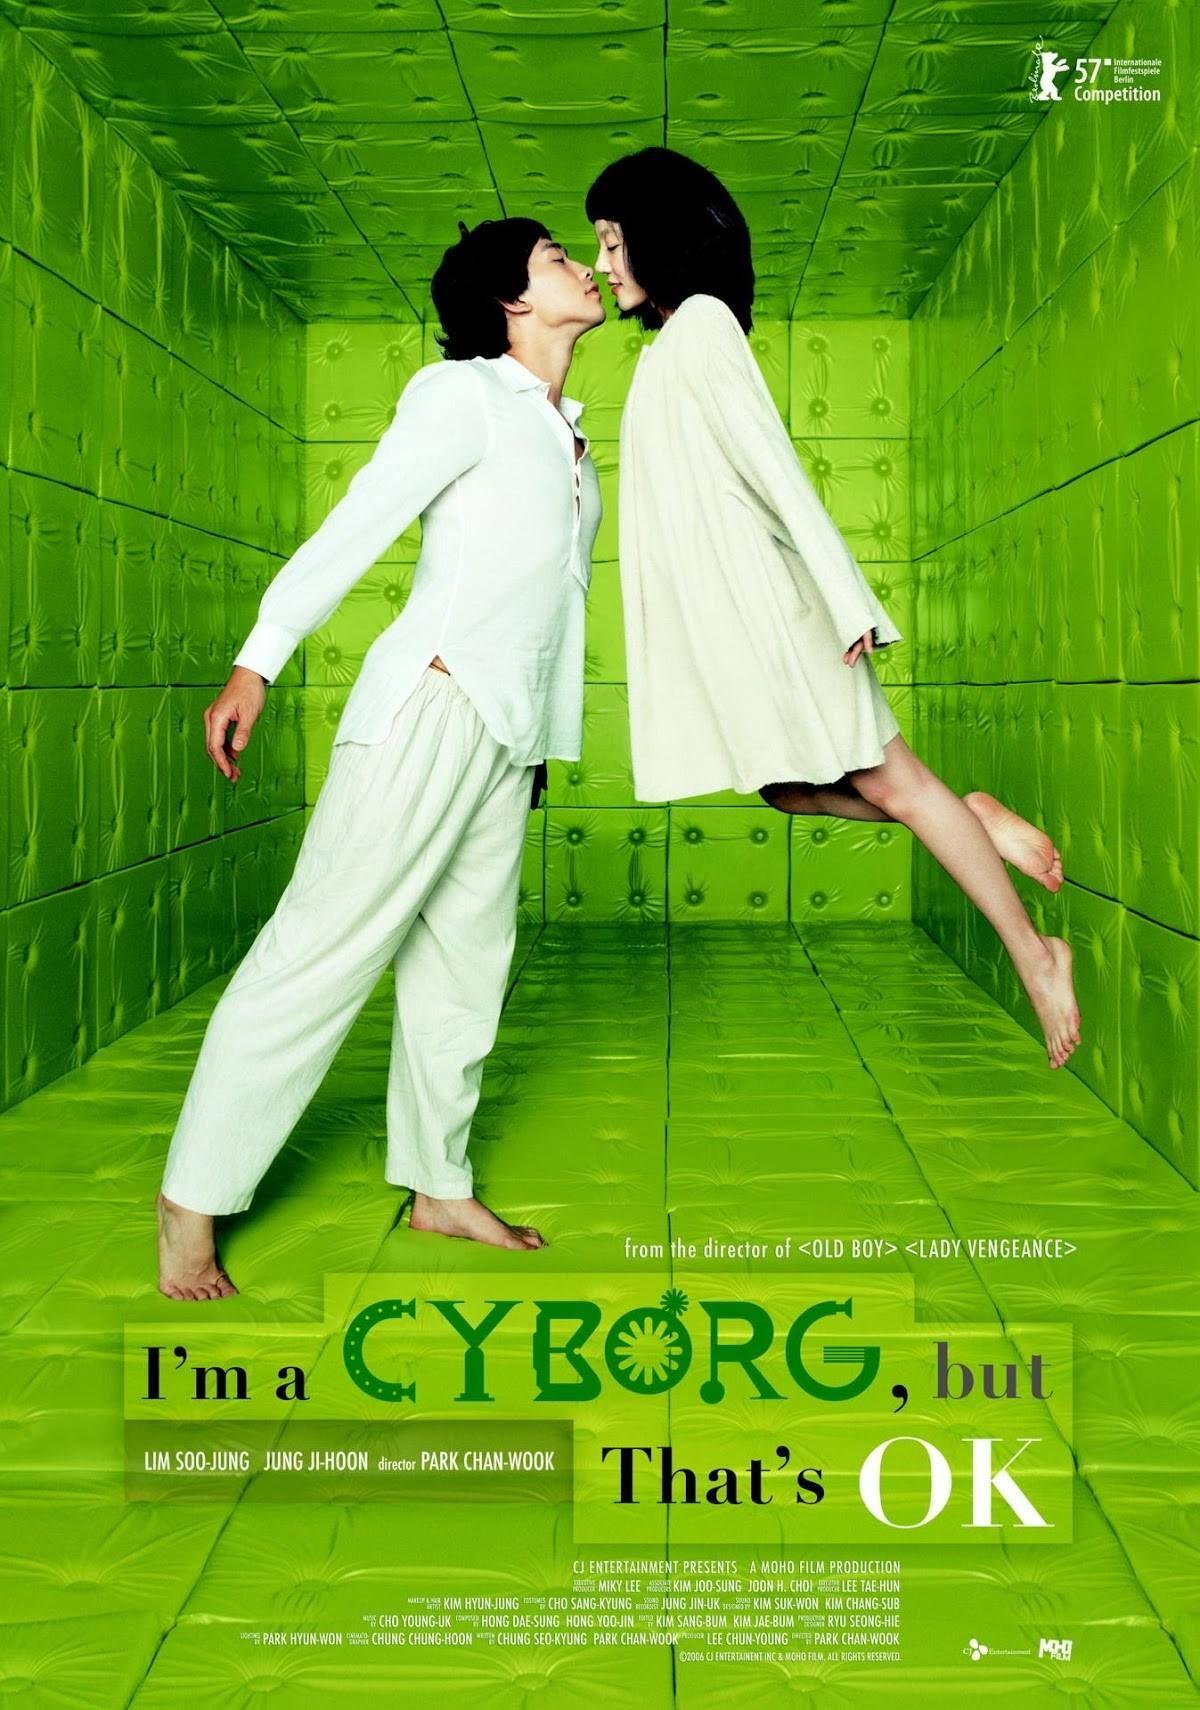 I'm a cyborg, but that's ok (2006) dir. Park Chan-wook ...